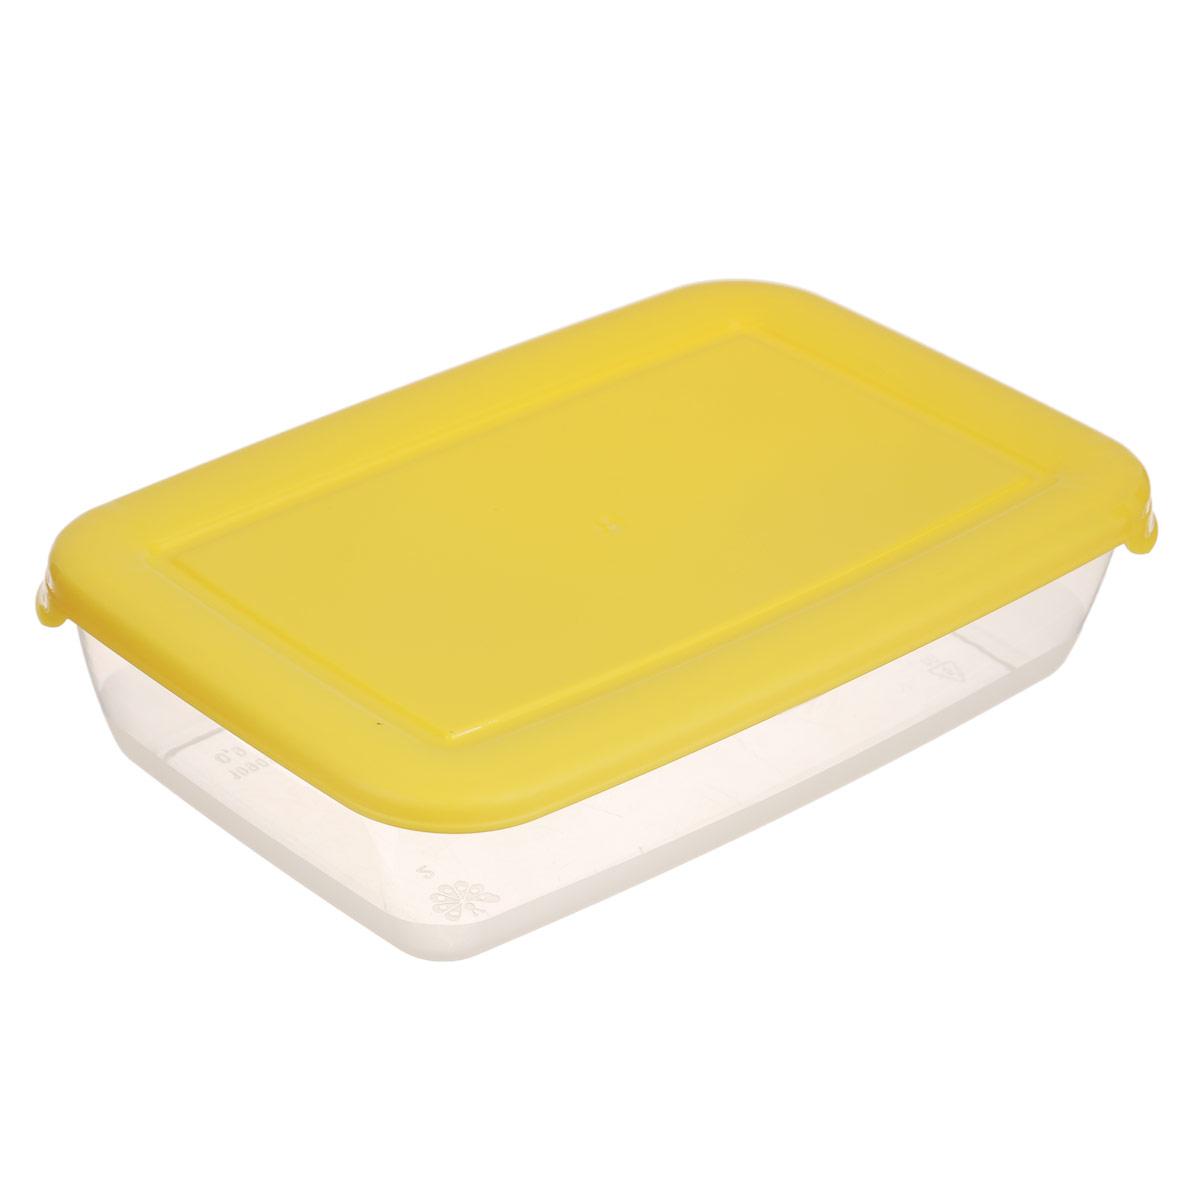 Контейнер для СВЧ Полимербыт Лайт, цвет: желтый, 900 млFA-5125 WhiteПрямоугольный контейнер для СВЧ Полимербыт Лайт изготовлен из высококачественного полипропилена, устойчивого к высоким температурам (до +120°С). Яркая цветная крышка плотно закрывается, дольше сохраняя продукты свежими и вкусными. Контейнер идеально подходит для хранения пищи, его удобно брать с собой на работу, учебу, пикник или просто использовать для хранения пищи в холодильнике.Можно использовать в микроволновой печи и для заморозки в морозильной камере при минимальной температуре -40°С.Можно мыть в посудомоечной машине.